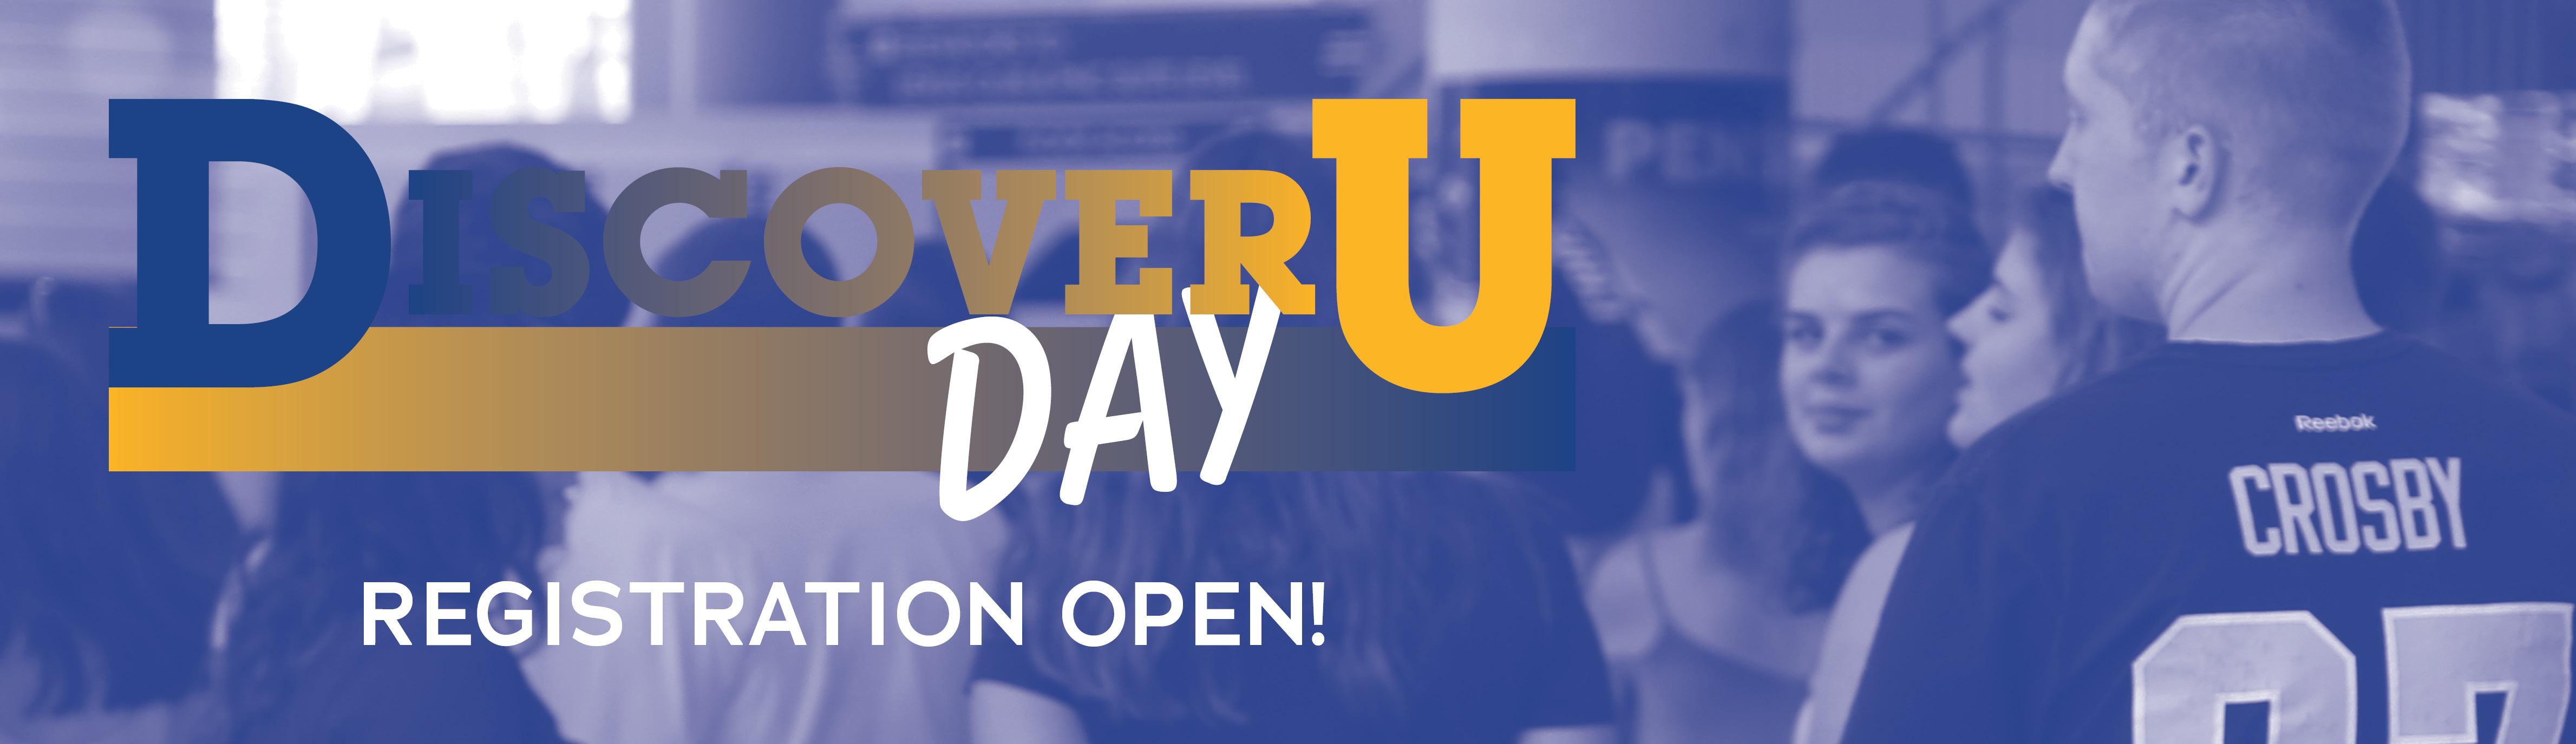 DiscoverU-Day-Web-Graphic